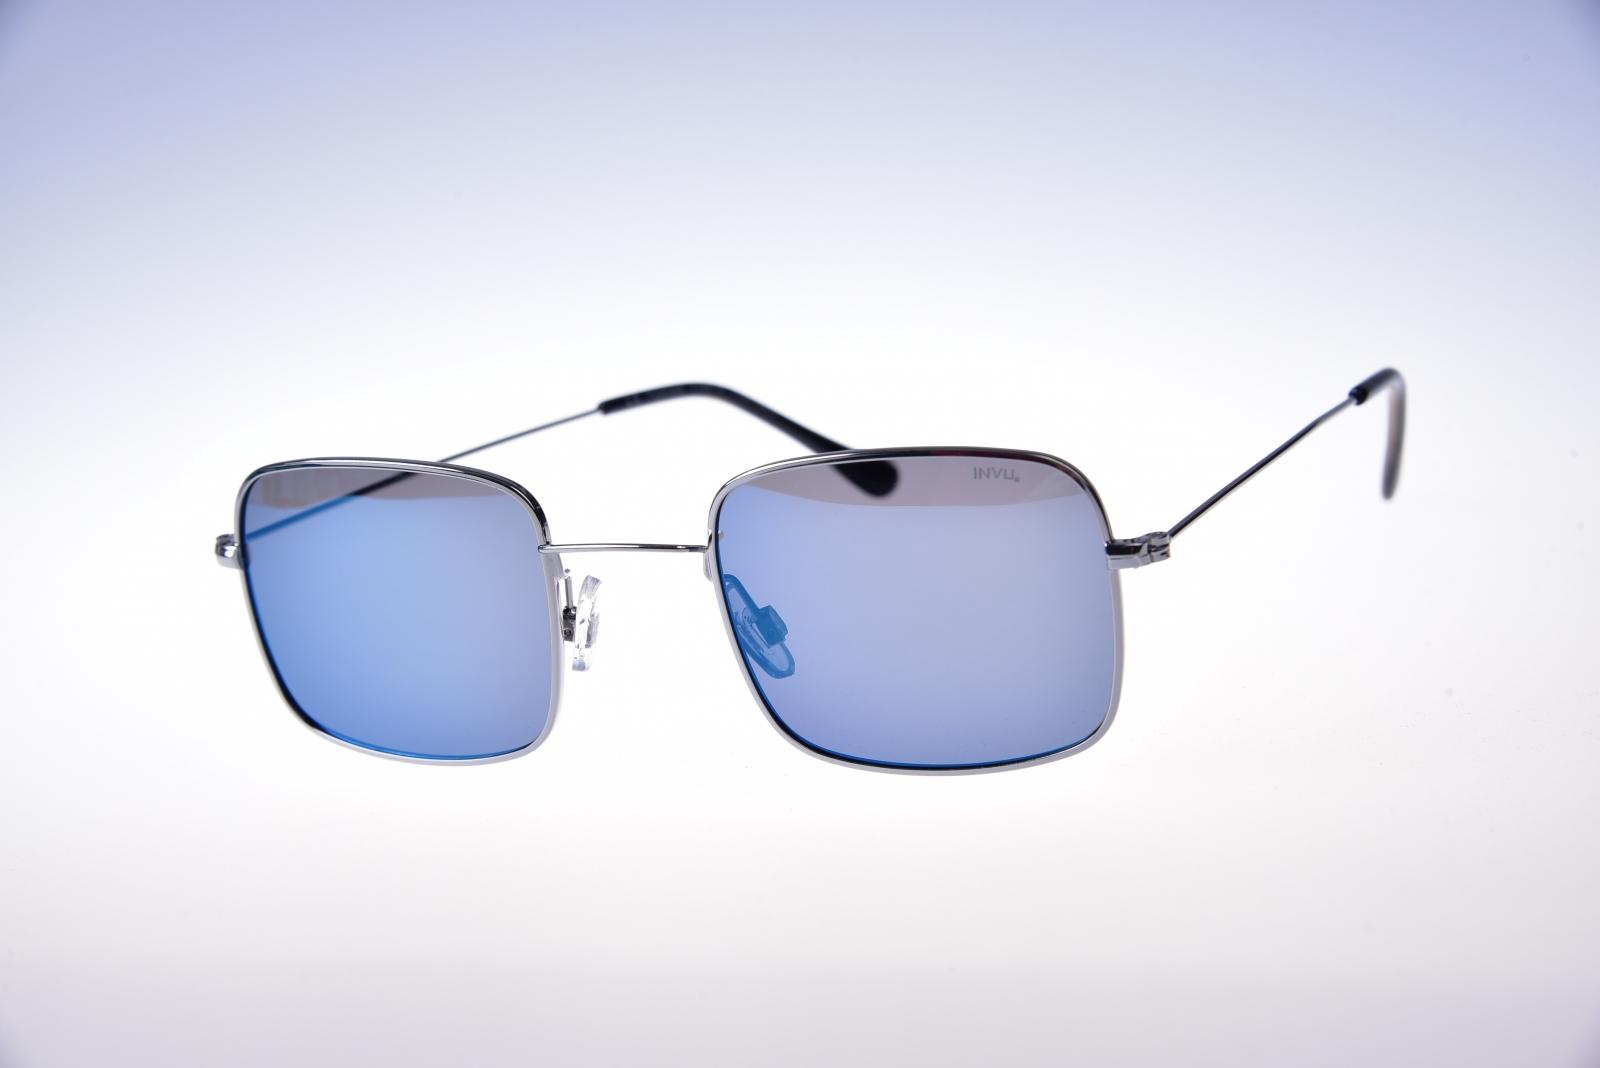 INVU. Trend T1907B - Pánske slnečné okuliare